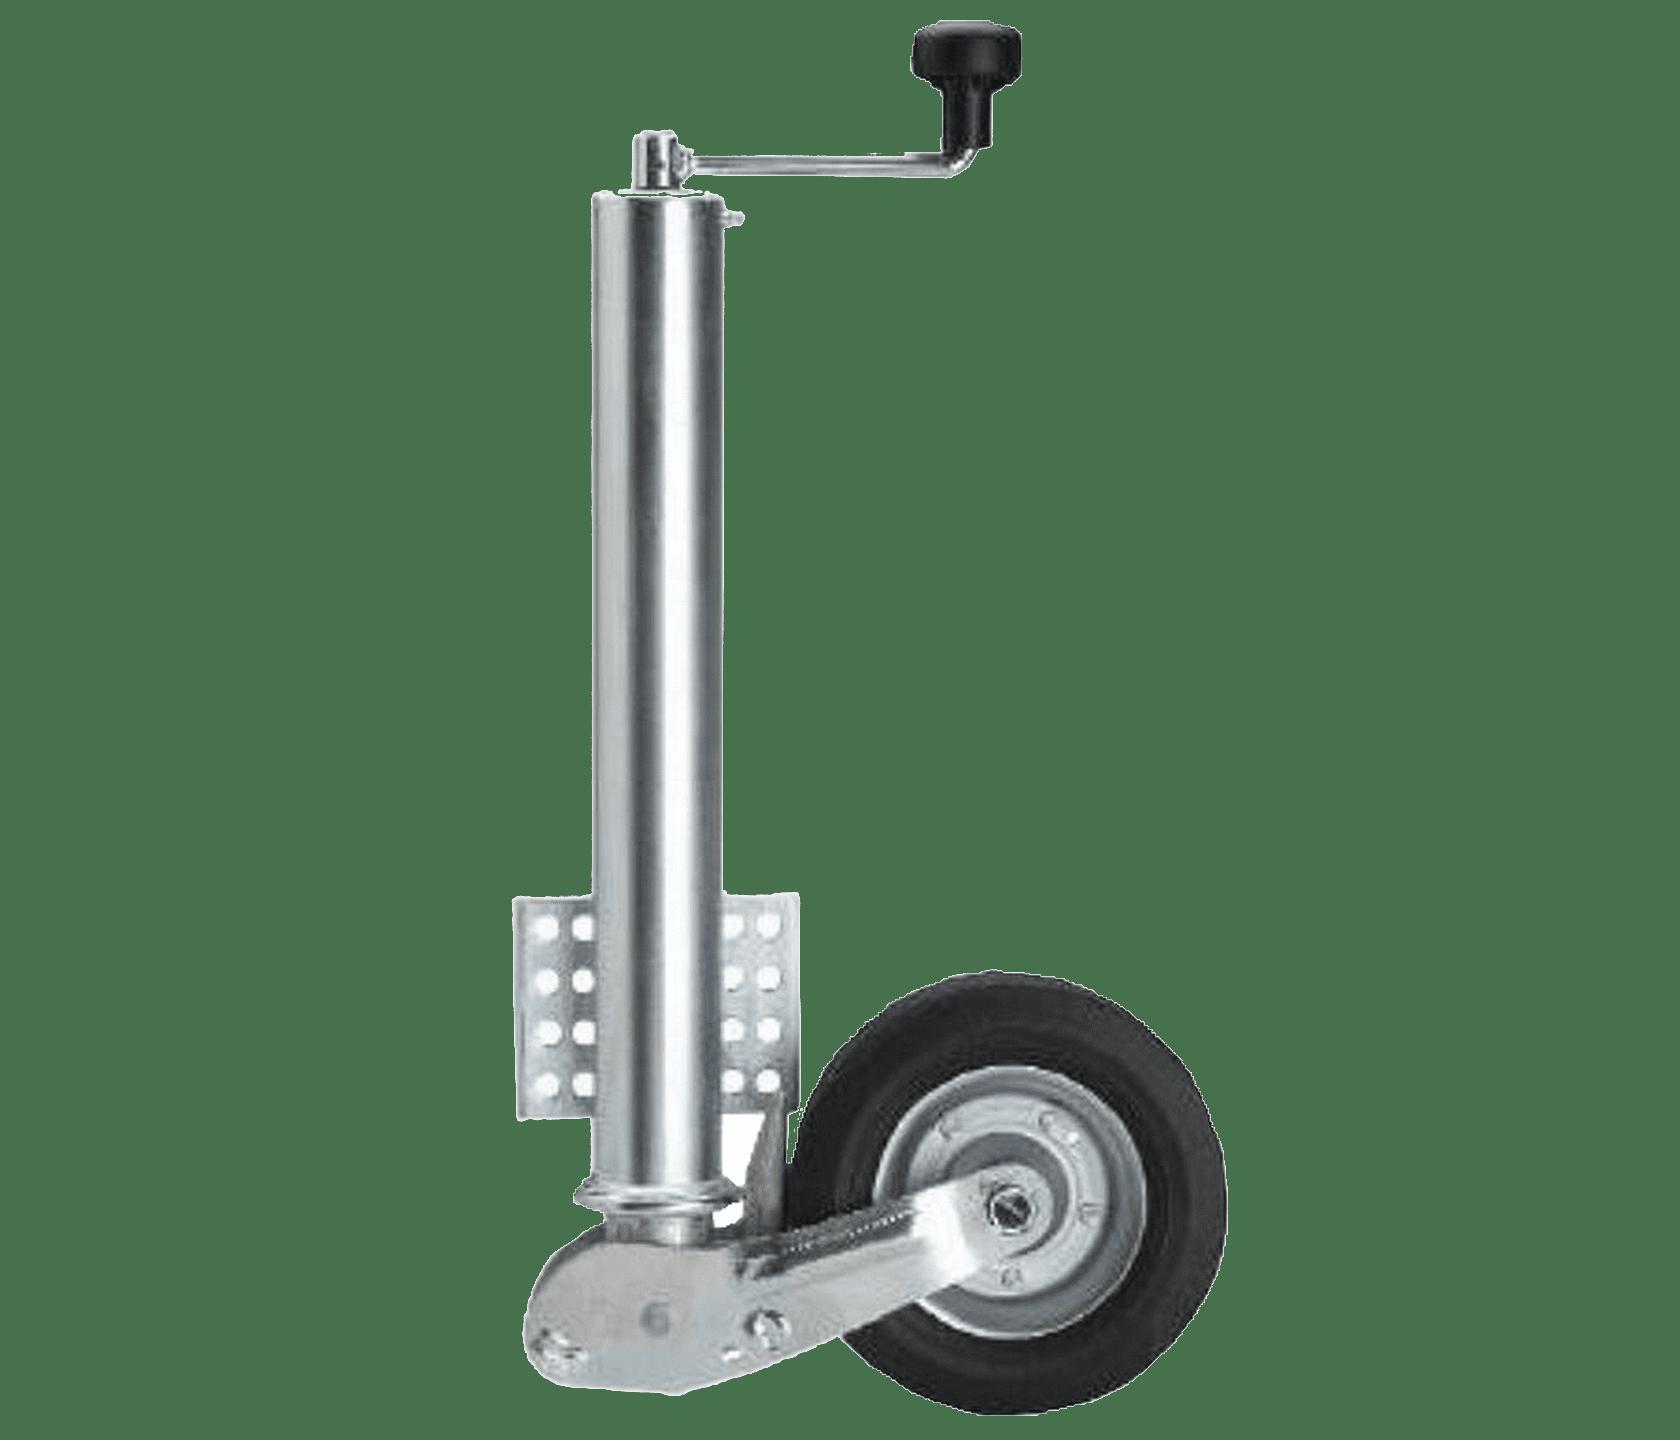 Automatik Stützrad mit Befestigungsflansch bis 3000 kg